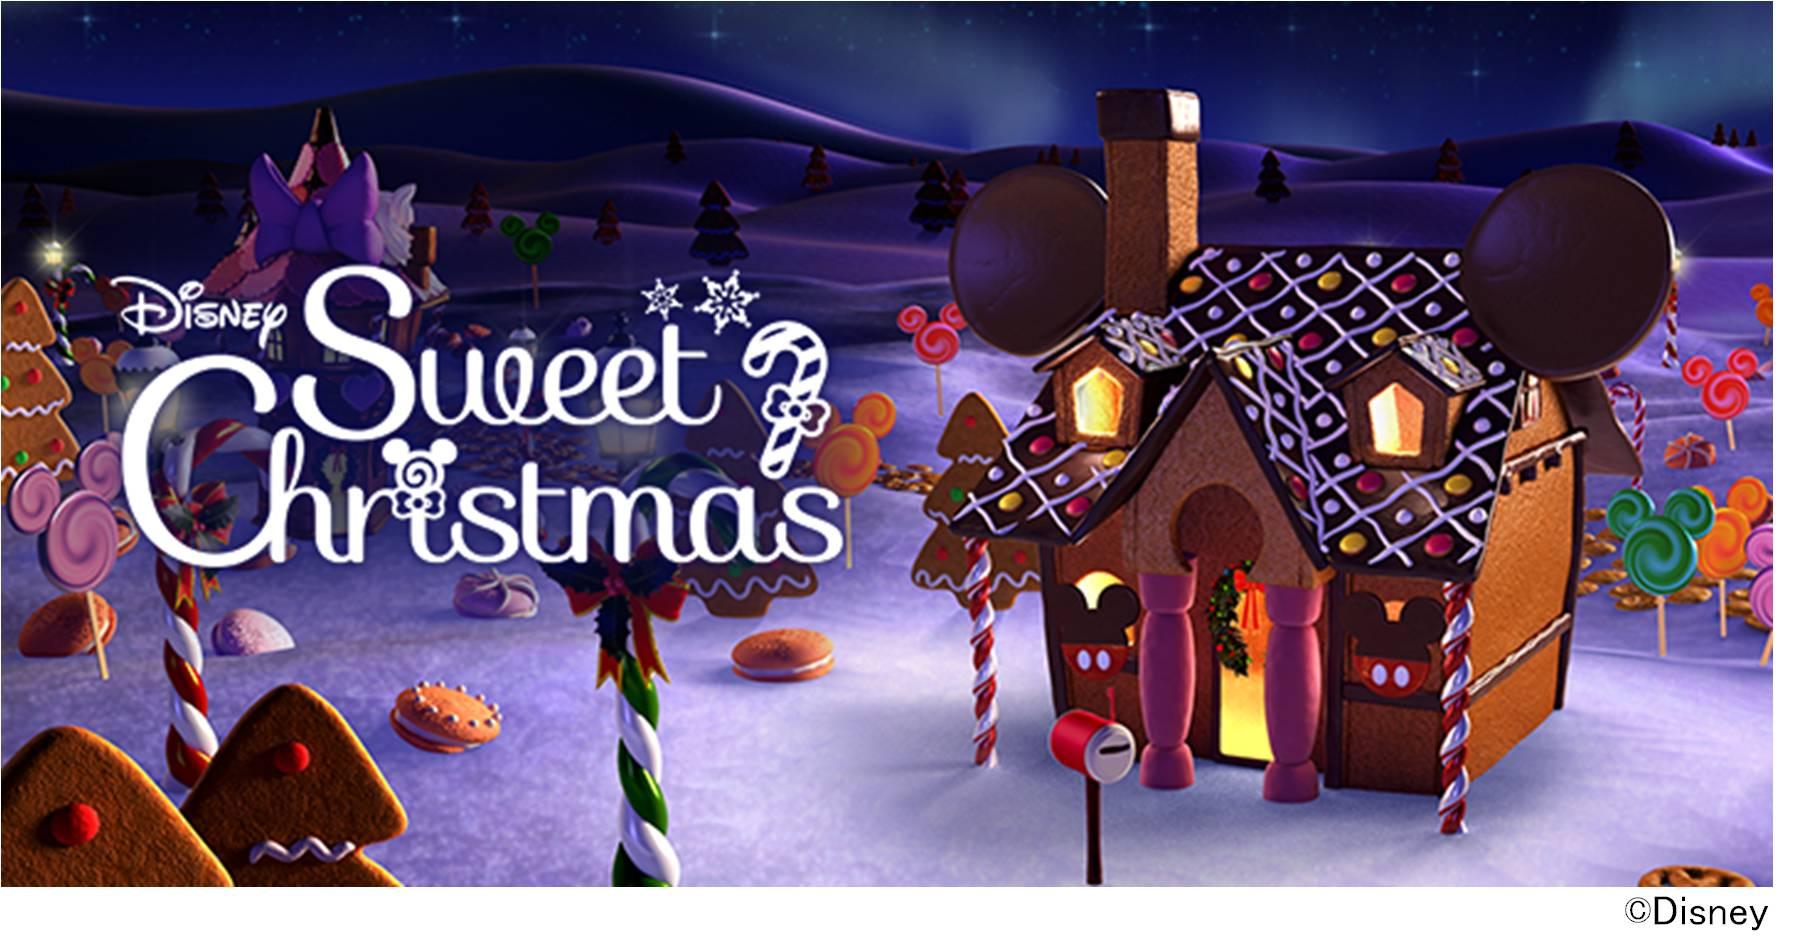 お菓子のお家デザインのクリスマスライブ壁紙が作れるイベント